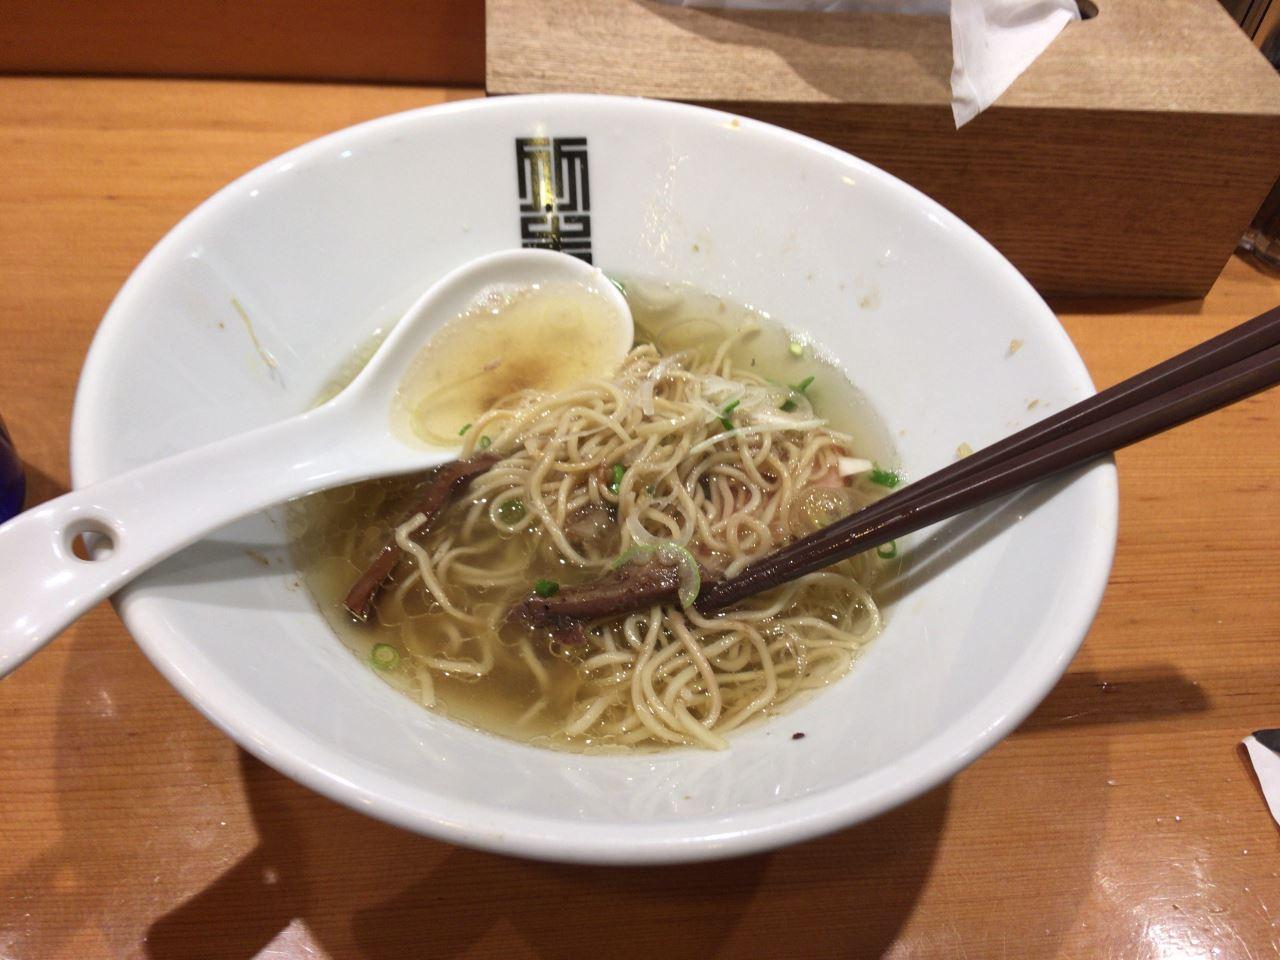 終盤のスープ入れた状態 竹末東京プレミアムのサンマとイカのまぜそば細麺版